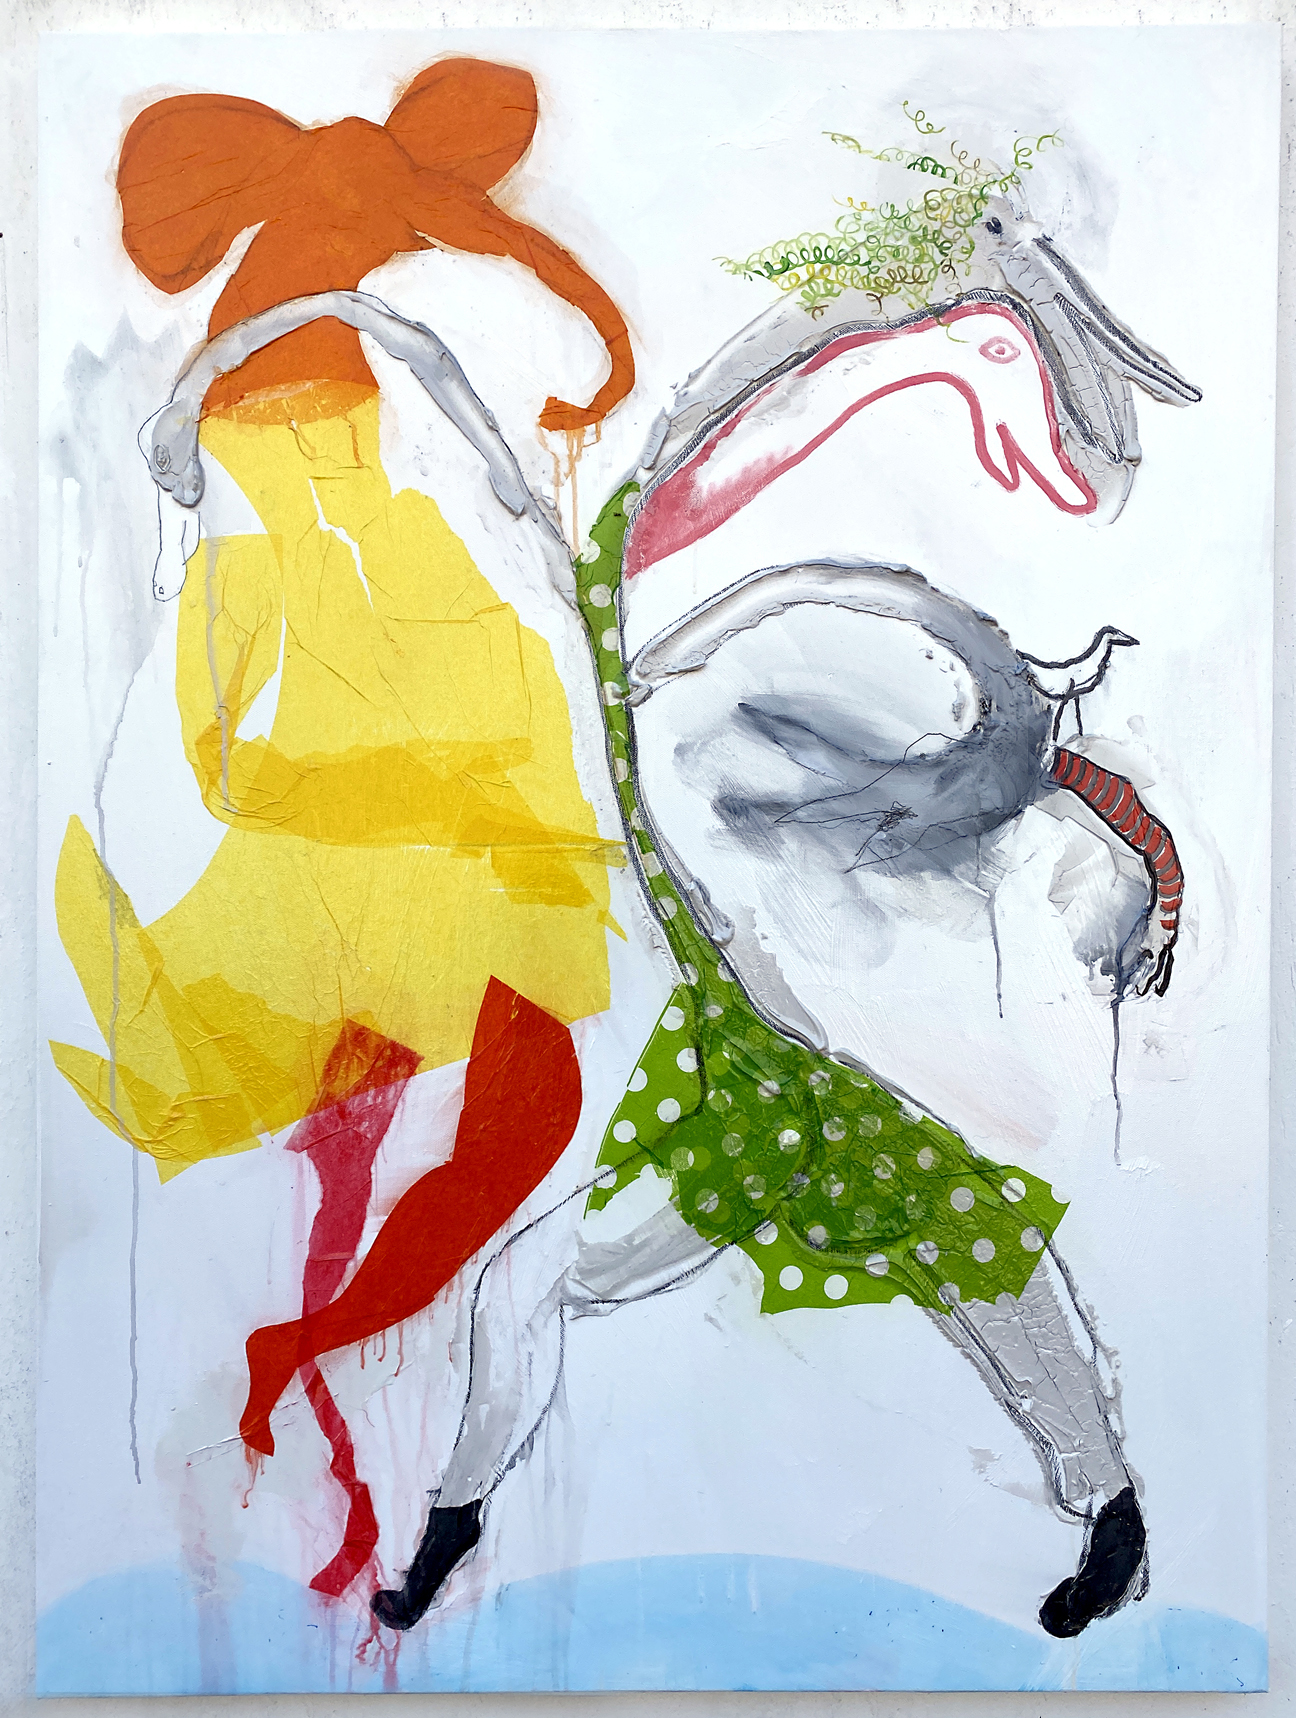 Artists Pretending to Dance